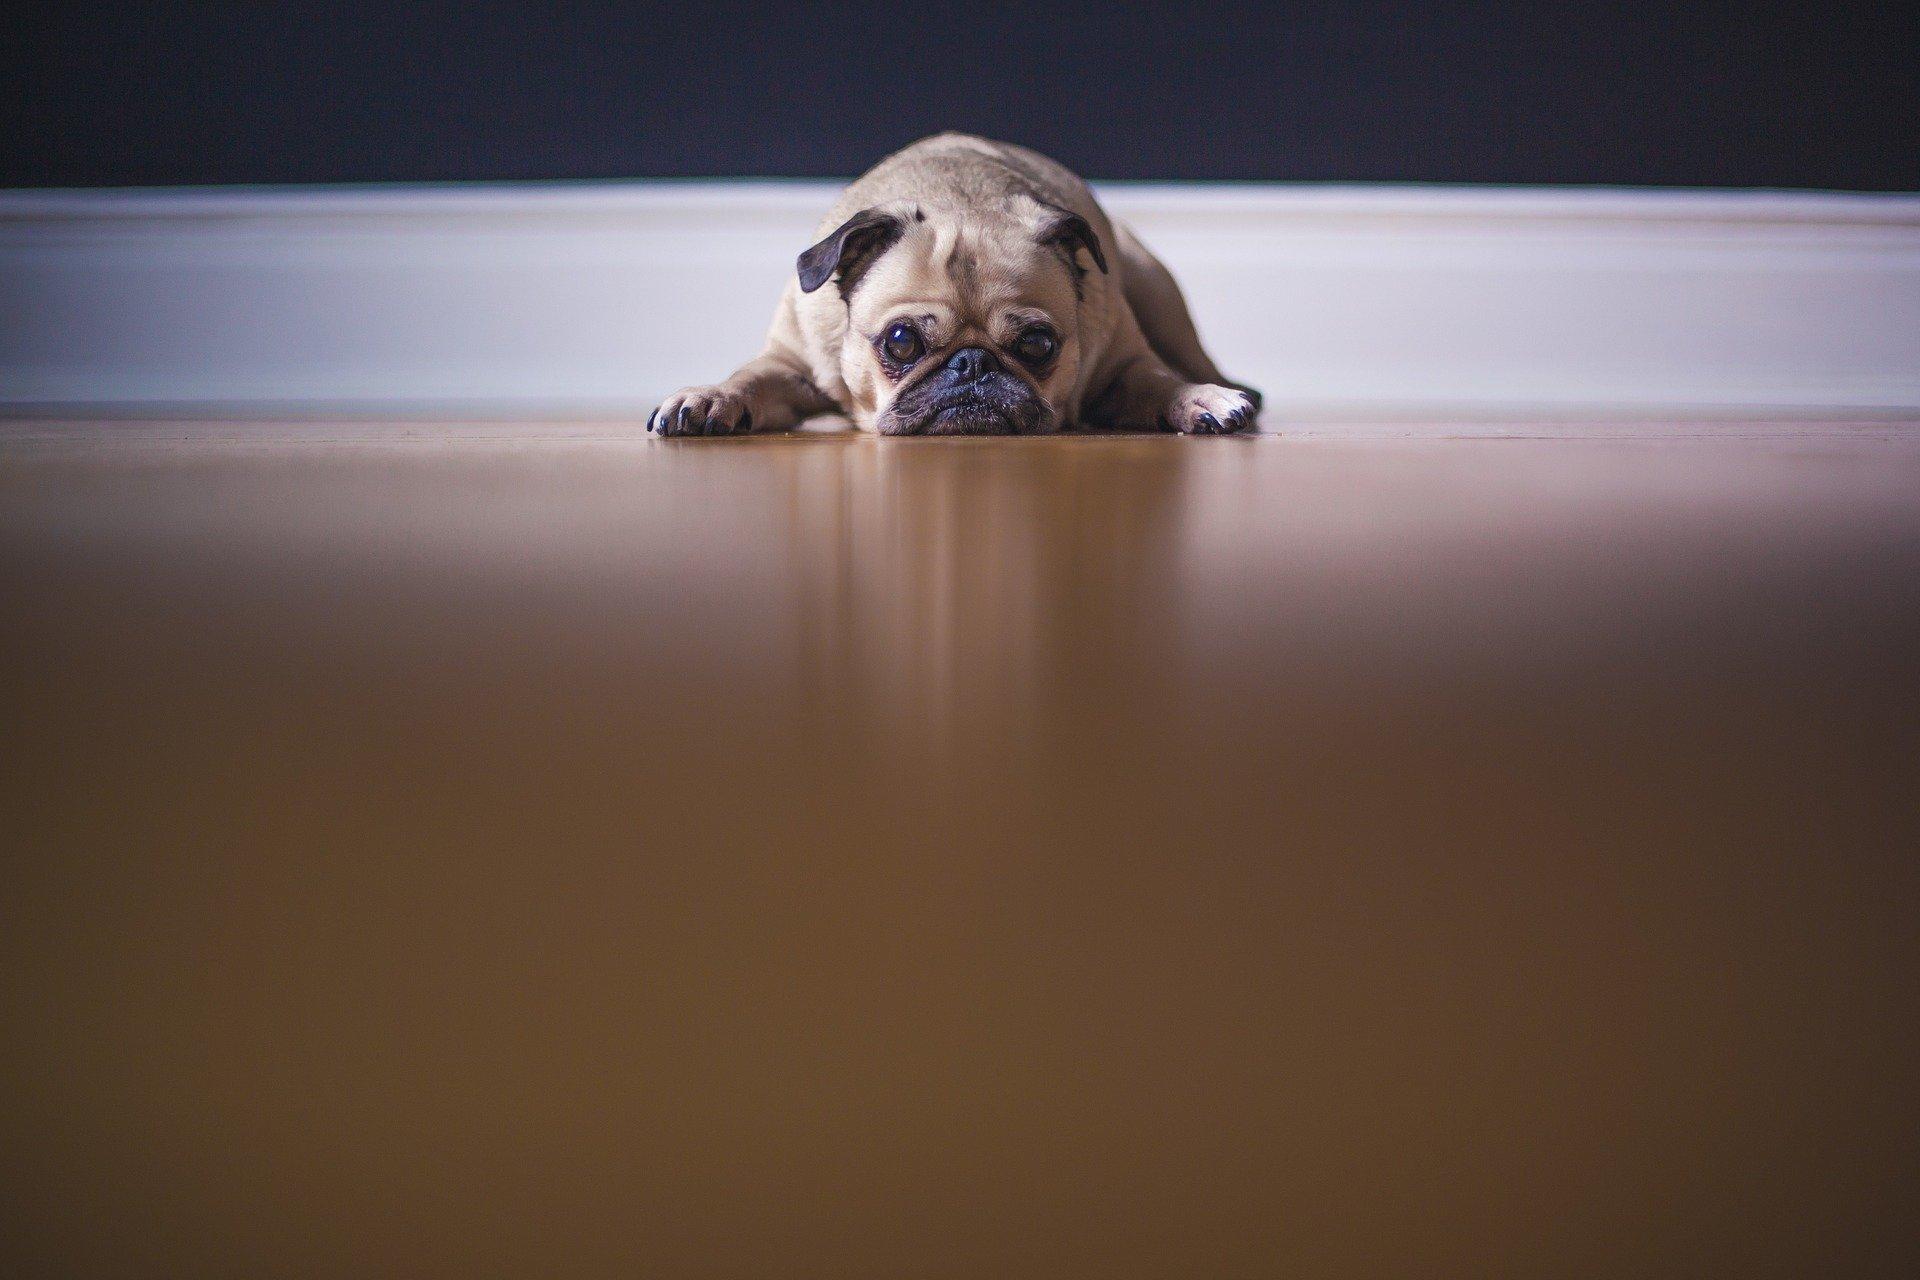 Fühlst du dich auch gerade so wie der Hund? Diese 30 Tipps helfen dir gegen deine Corona-Langeweile!